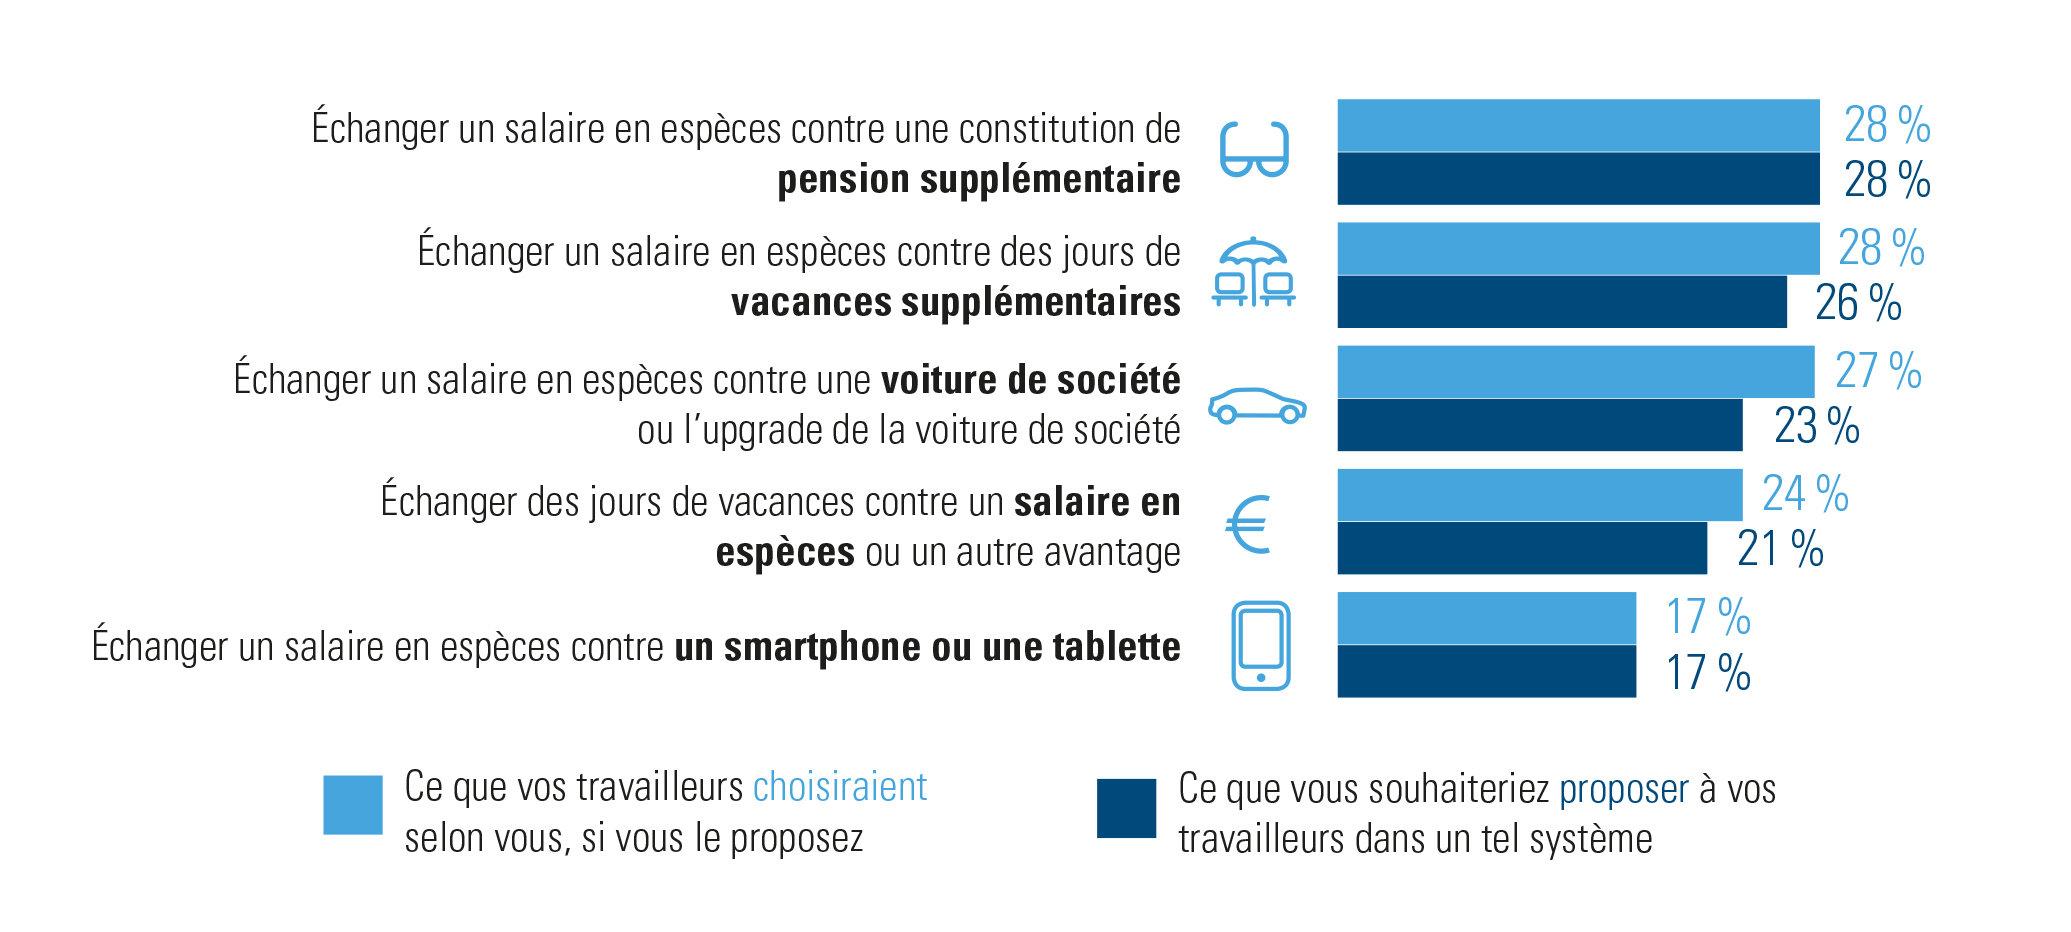 Enquête d'Acerta réalisée auprès des employeurs : Top 5 des éléments de plan cafétéria populaires auprès des travailleurs.